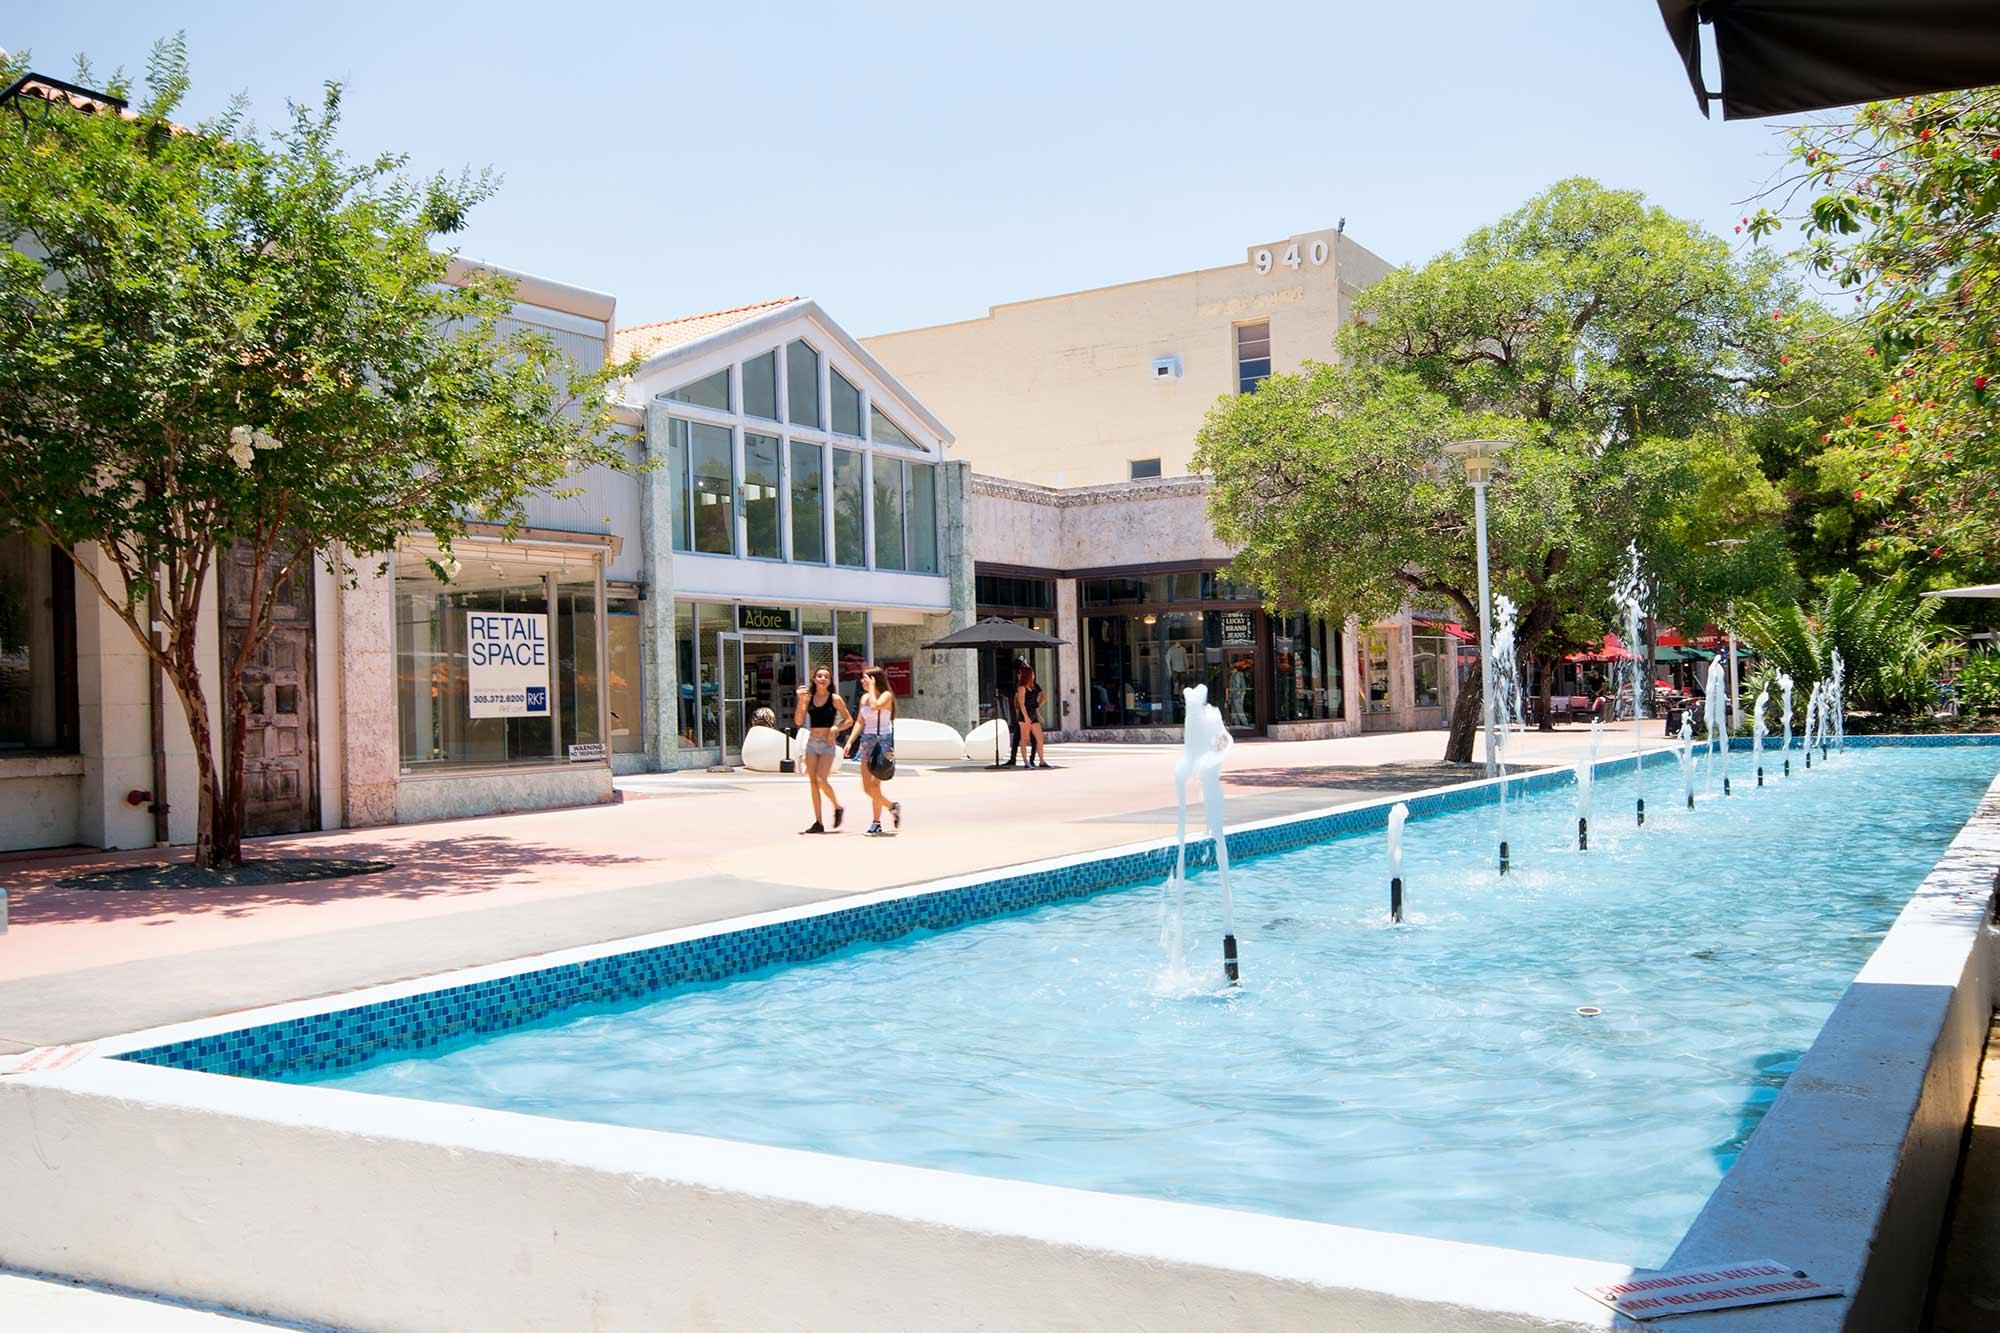 Washington Park Hotel South Beach Miami Beach Fl